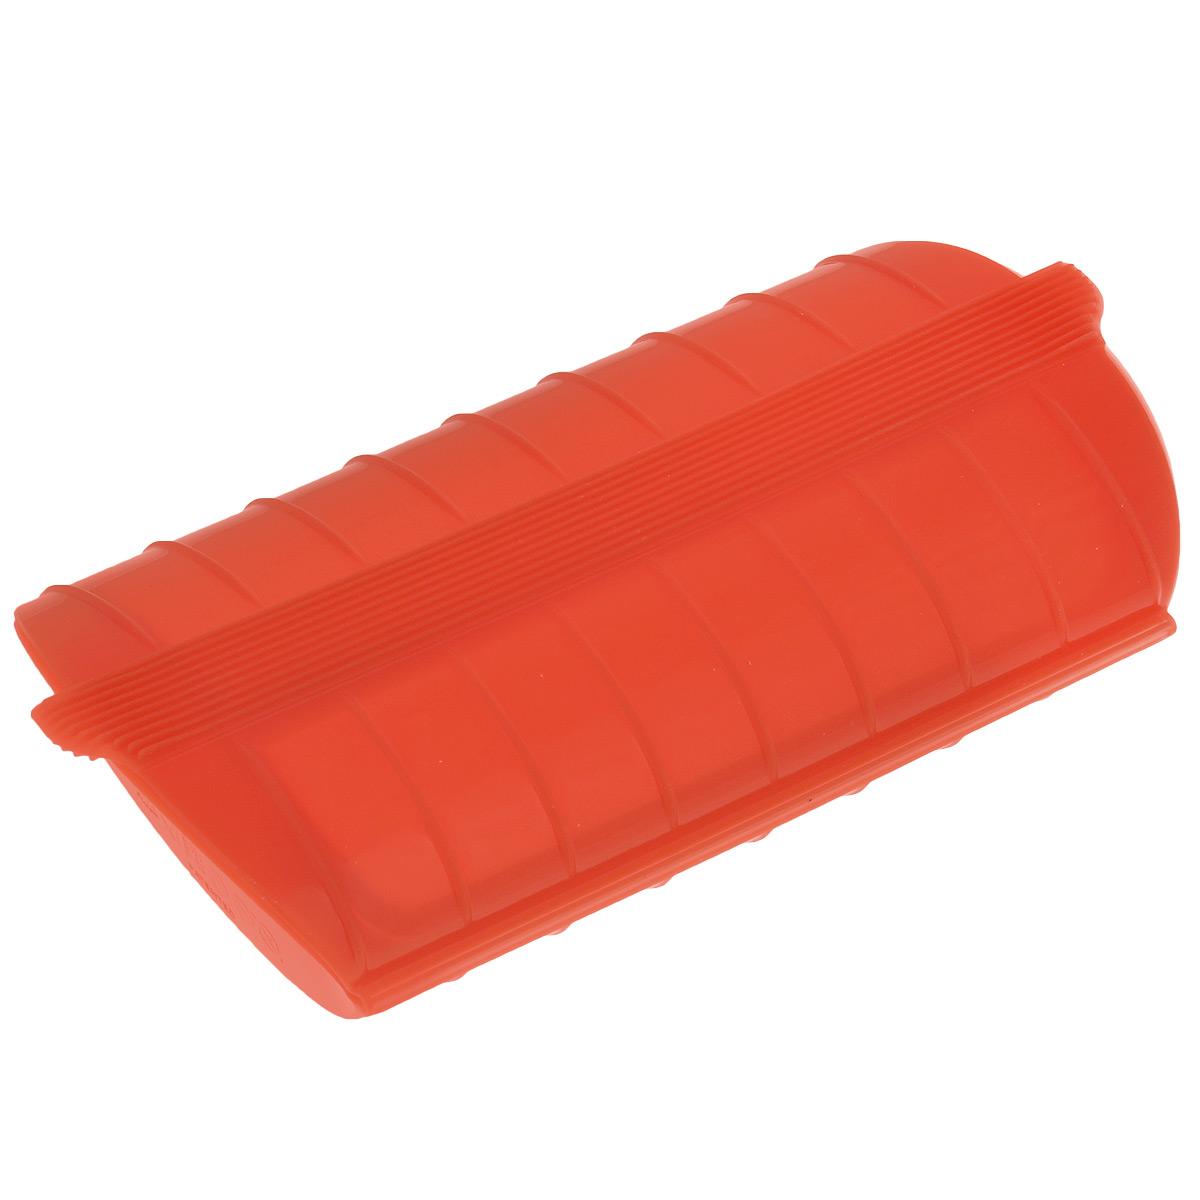 Конверт для запекания Lekue, силиконовый, цвет: красный3404600R10U004Конверт для запекания Lekue изготовлен из высококачественного пищевого силикона, который выдерживает температуру от -60°С до +220°С. Благодаря особым свойствам силикона, продукты остаются такими же сочными, не пригорают и равномерно пропекаются. Конверт делает оптимальным приготовление пищевых продуктов, делая более интенсивным вкус каждого из них и сохраняя все содержащиеся в них питательные вещества. Для конверта предусмотрен съемный внутренний поддон-решетка, который позволит стечь лишнему жиру и соку во время размораживания, хранения и приготовления. Приготовление пищи можно производить с поддоном или без него, в зависимости от желаемого результата. Конверт закрывается, поэтому жир не разбрызгивается по стенкам духовки. Приготовленное блюдо легко вынимается из конверта и позволяет приготовить одновременно до четырех порций. Идеально подходит для приготовления мяса, курицы или рыбы. В дополнение к основным достоинствам конверта для запекания с поддоном - он невероятно практичен и легко моется как традиционным способом, так и в посудомоечной машине. Можно использовать в духовке и микроволновой печи.